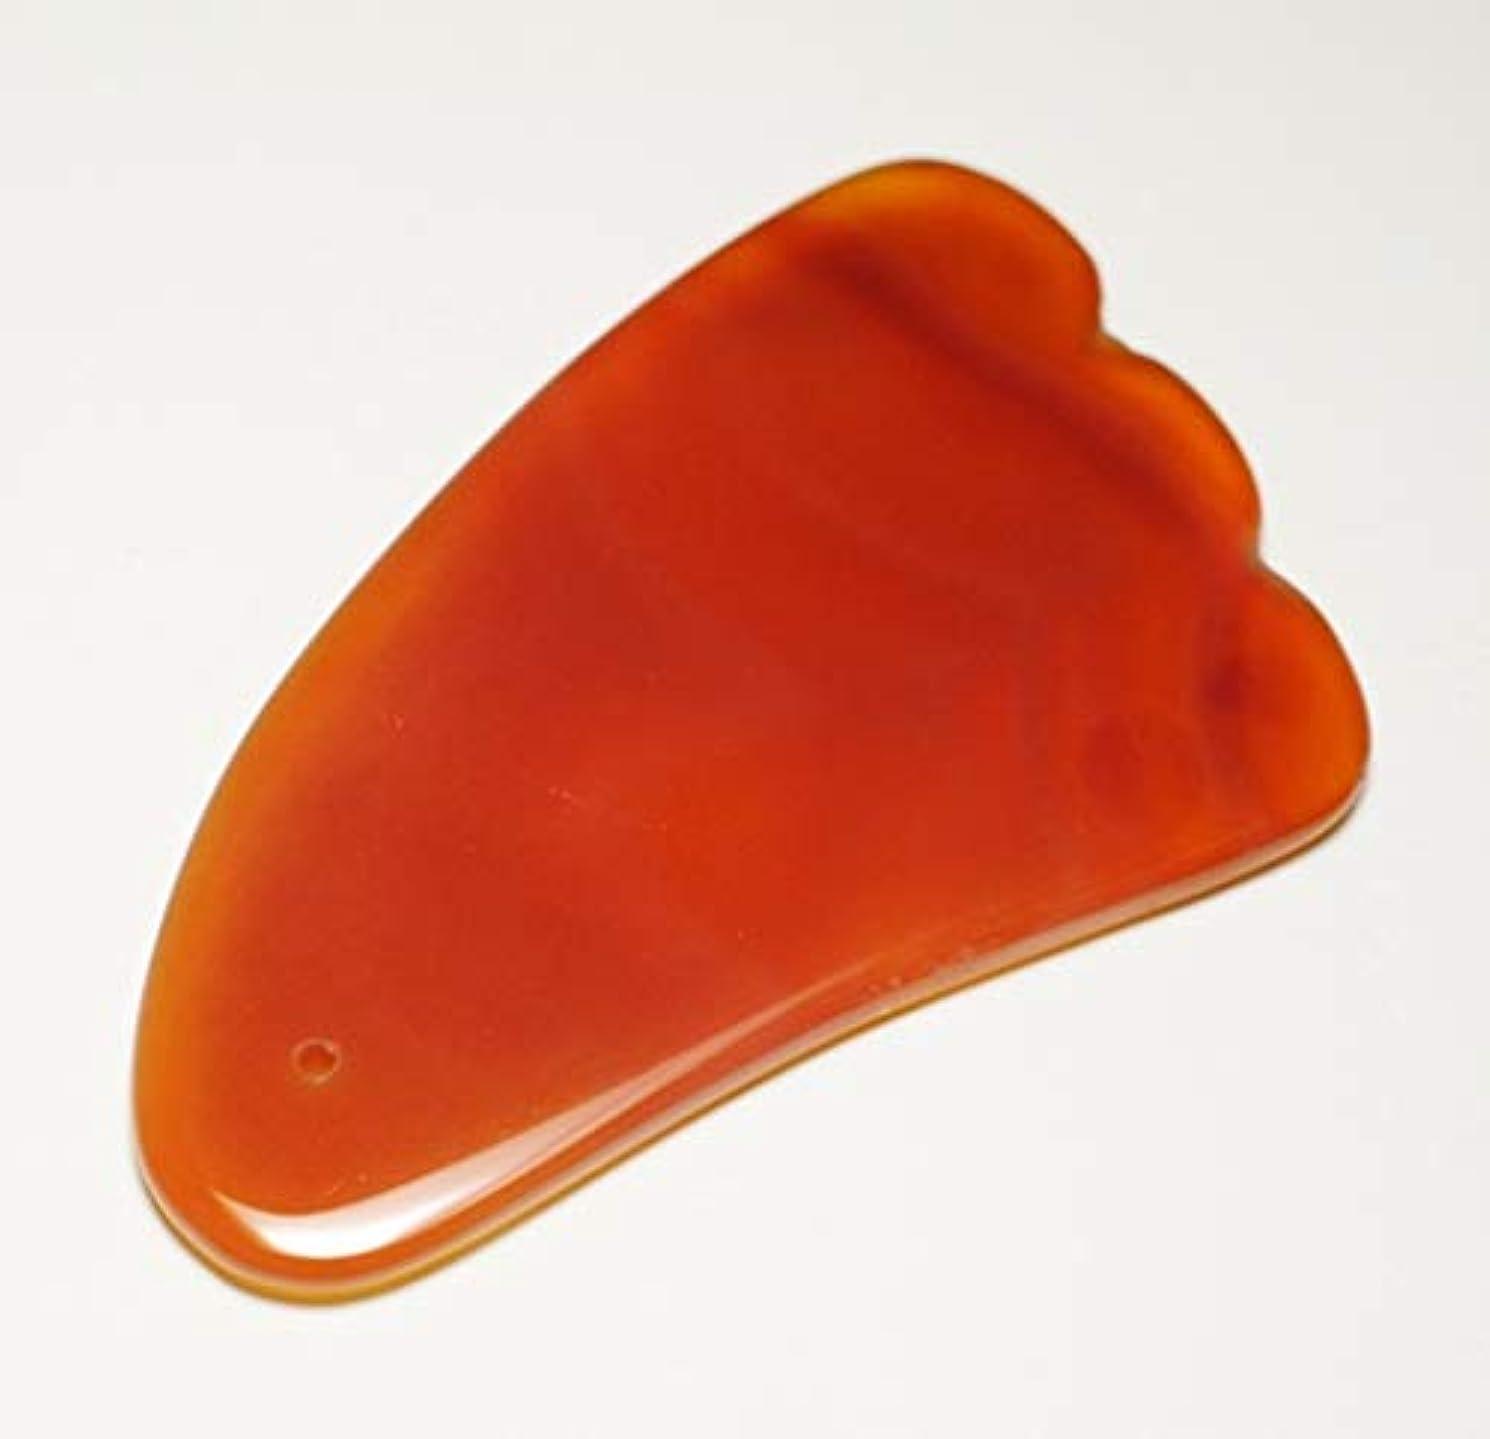 リクルート同意するパラシュートカーネリアン かっさ 羽型 Shylph 美と健康に マッサージ 赤瑪瑙カッサ